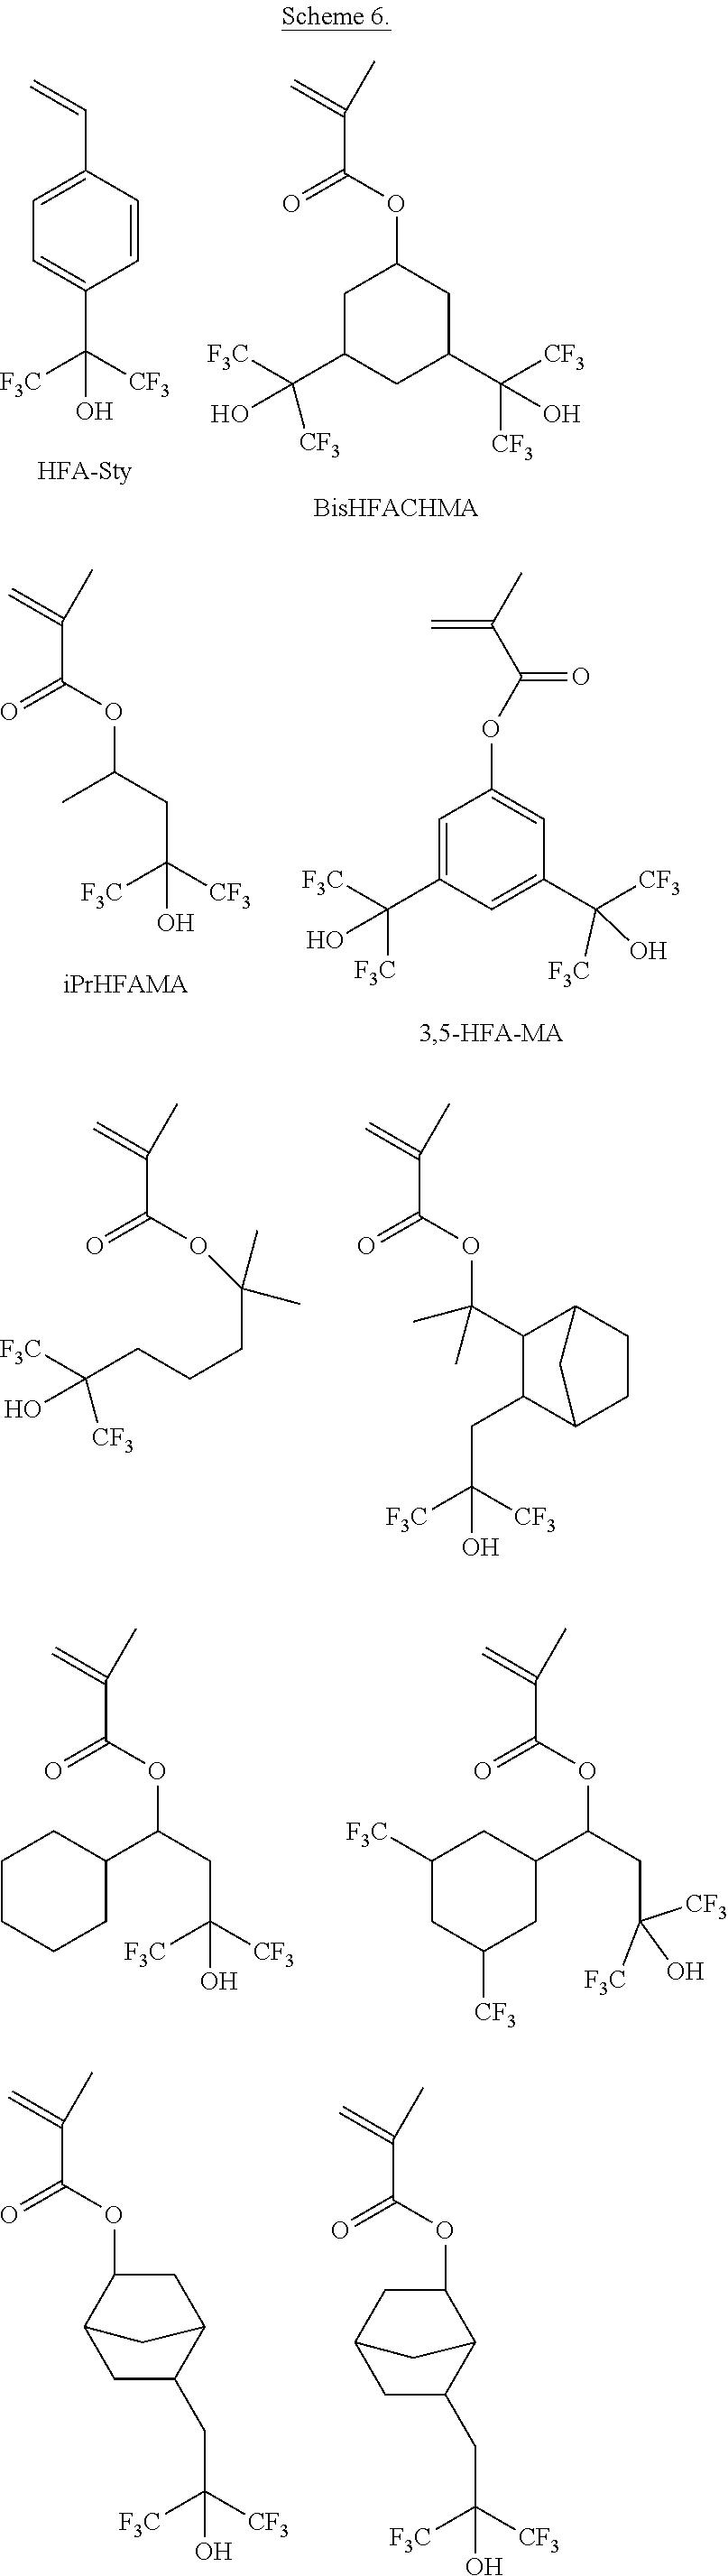 Figure US09574107-20170221-C00008